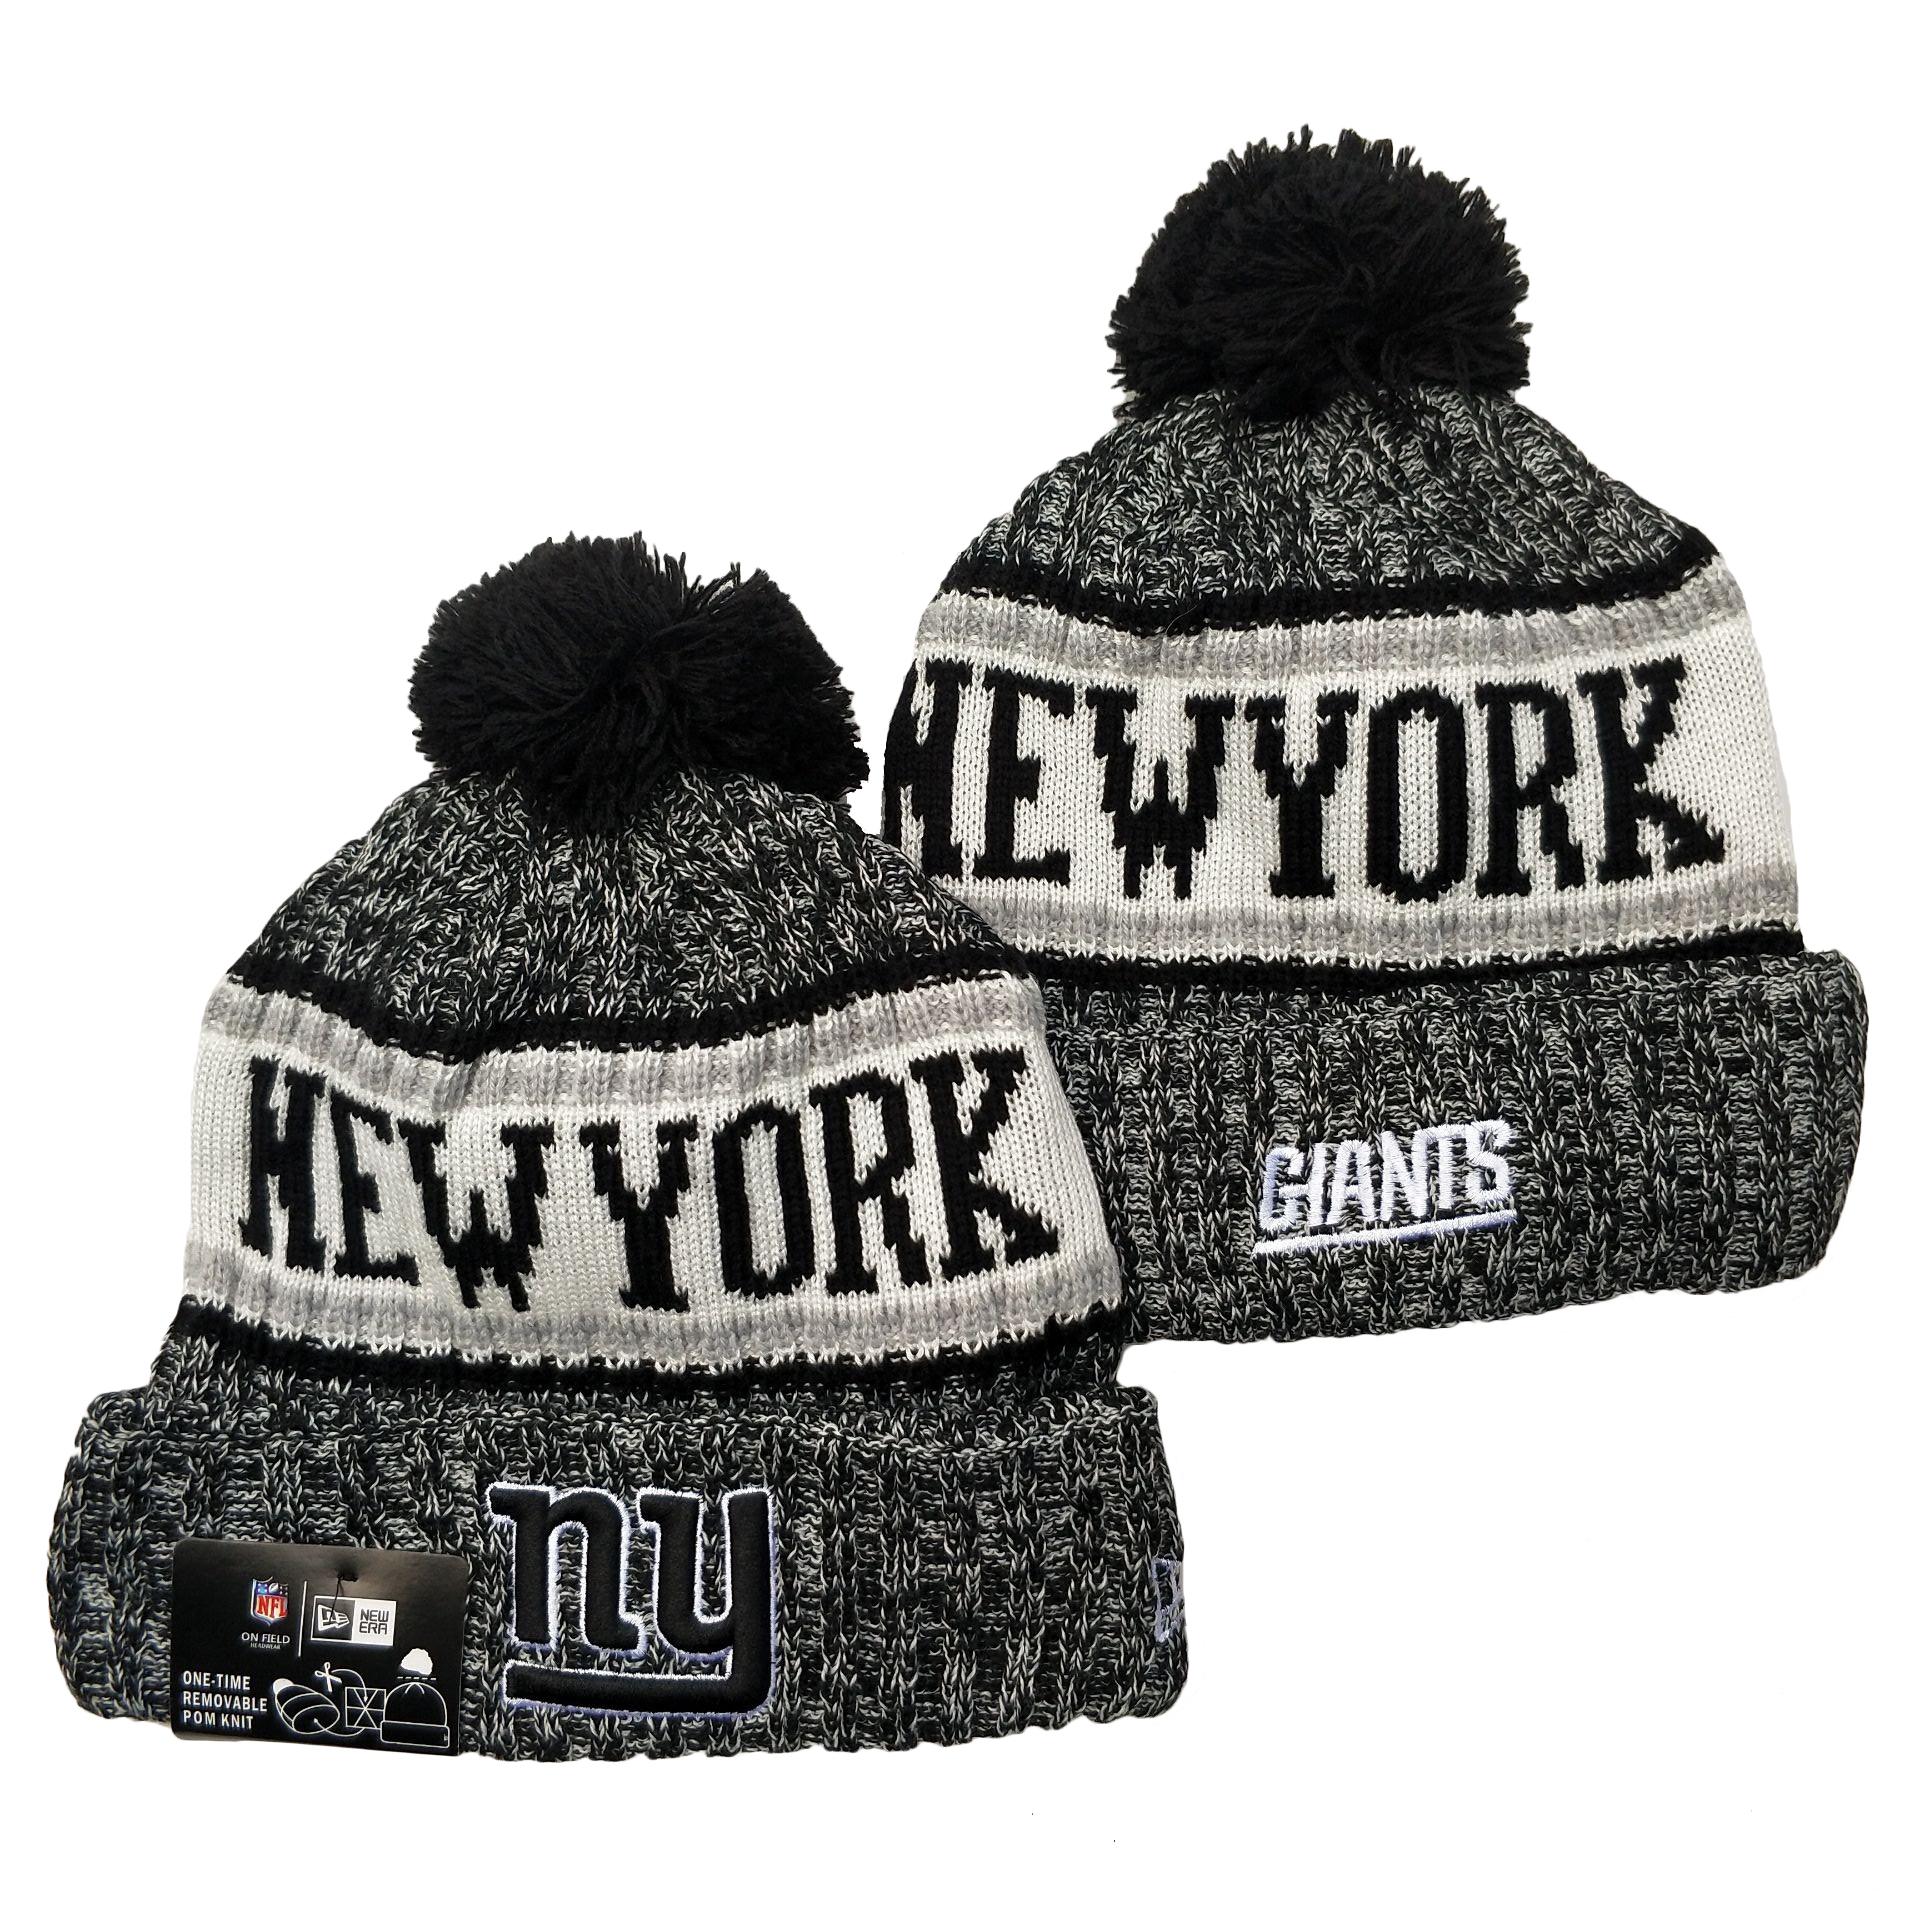 New York Giants Team Logo Gray Pom Cuffed Knit Hat YD